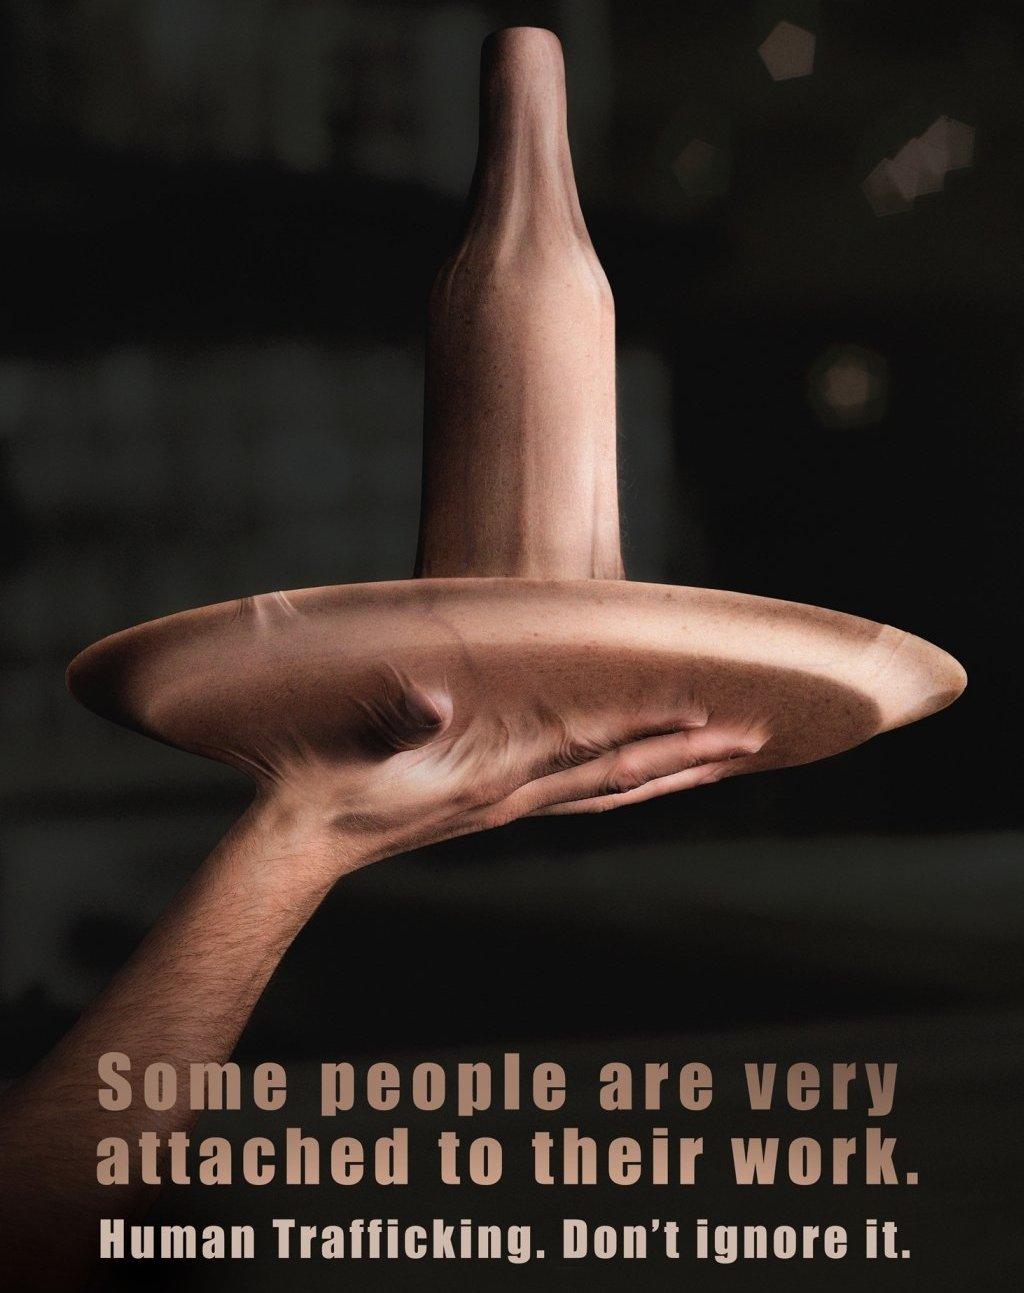 09.03.2012 – Ο περί της Καταπολέμησης της Εμπορίας και της Εκμετάλλευσης Προσώπων και της Προστασίας Θυμάτων (Τροποποιητικός) Νόμος του 2012